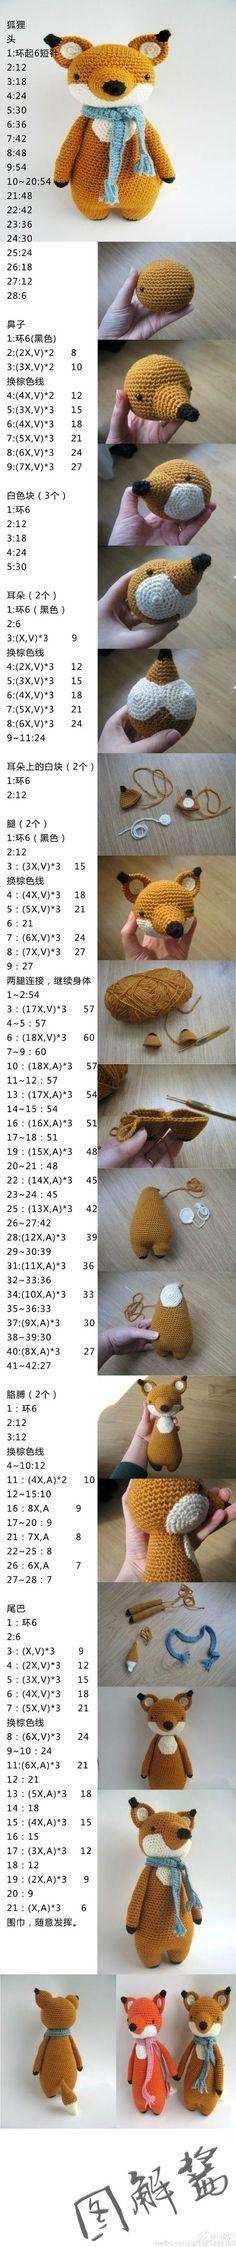 Elephant crochet pattern - Free